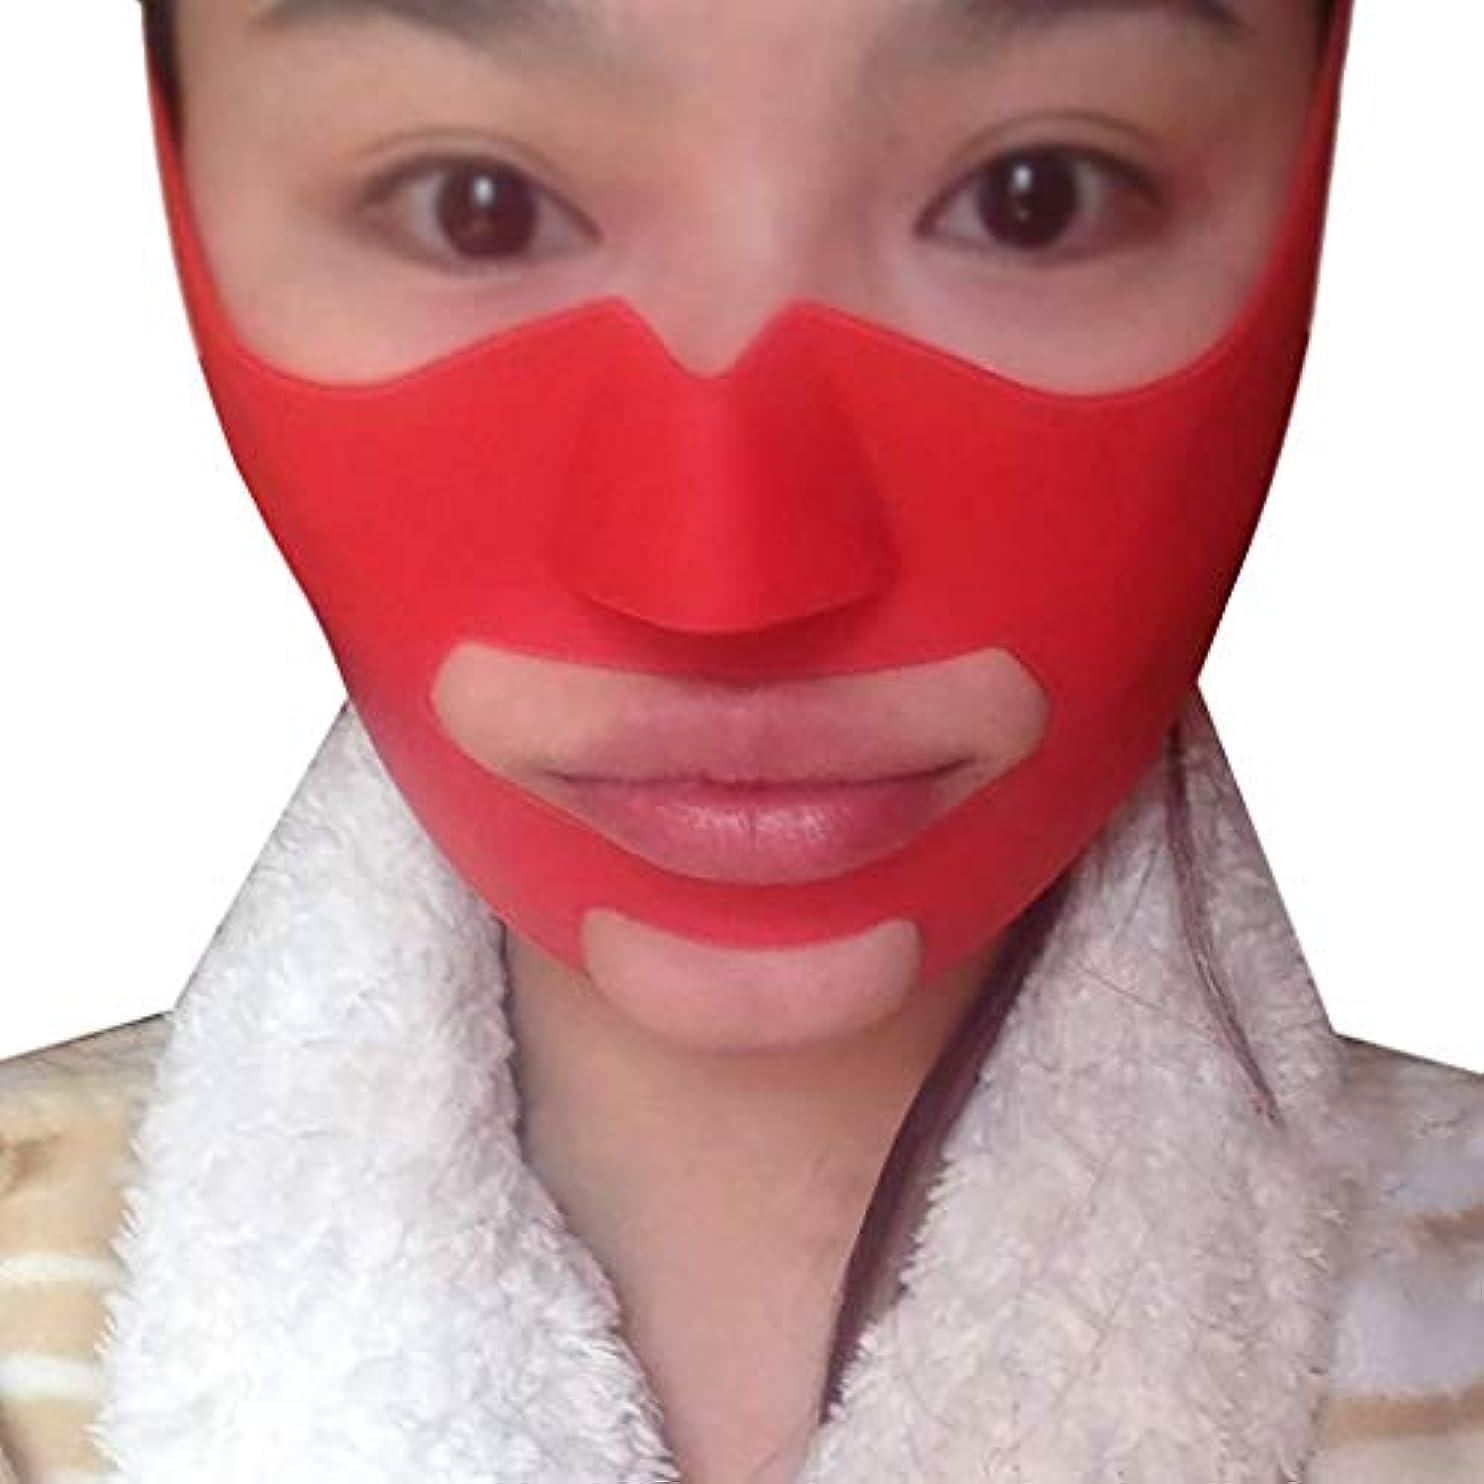 感染する文明同情的フェイスリフトマスク、シリコンVフェイスマスクフェイスマスク強力で細かい筋肉マッスルリフトアップルマッスルを命令するパターンアーティファクト小さなVフェイス包帯フェイスとネックリフト